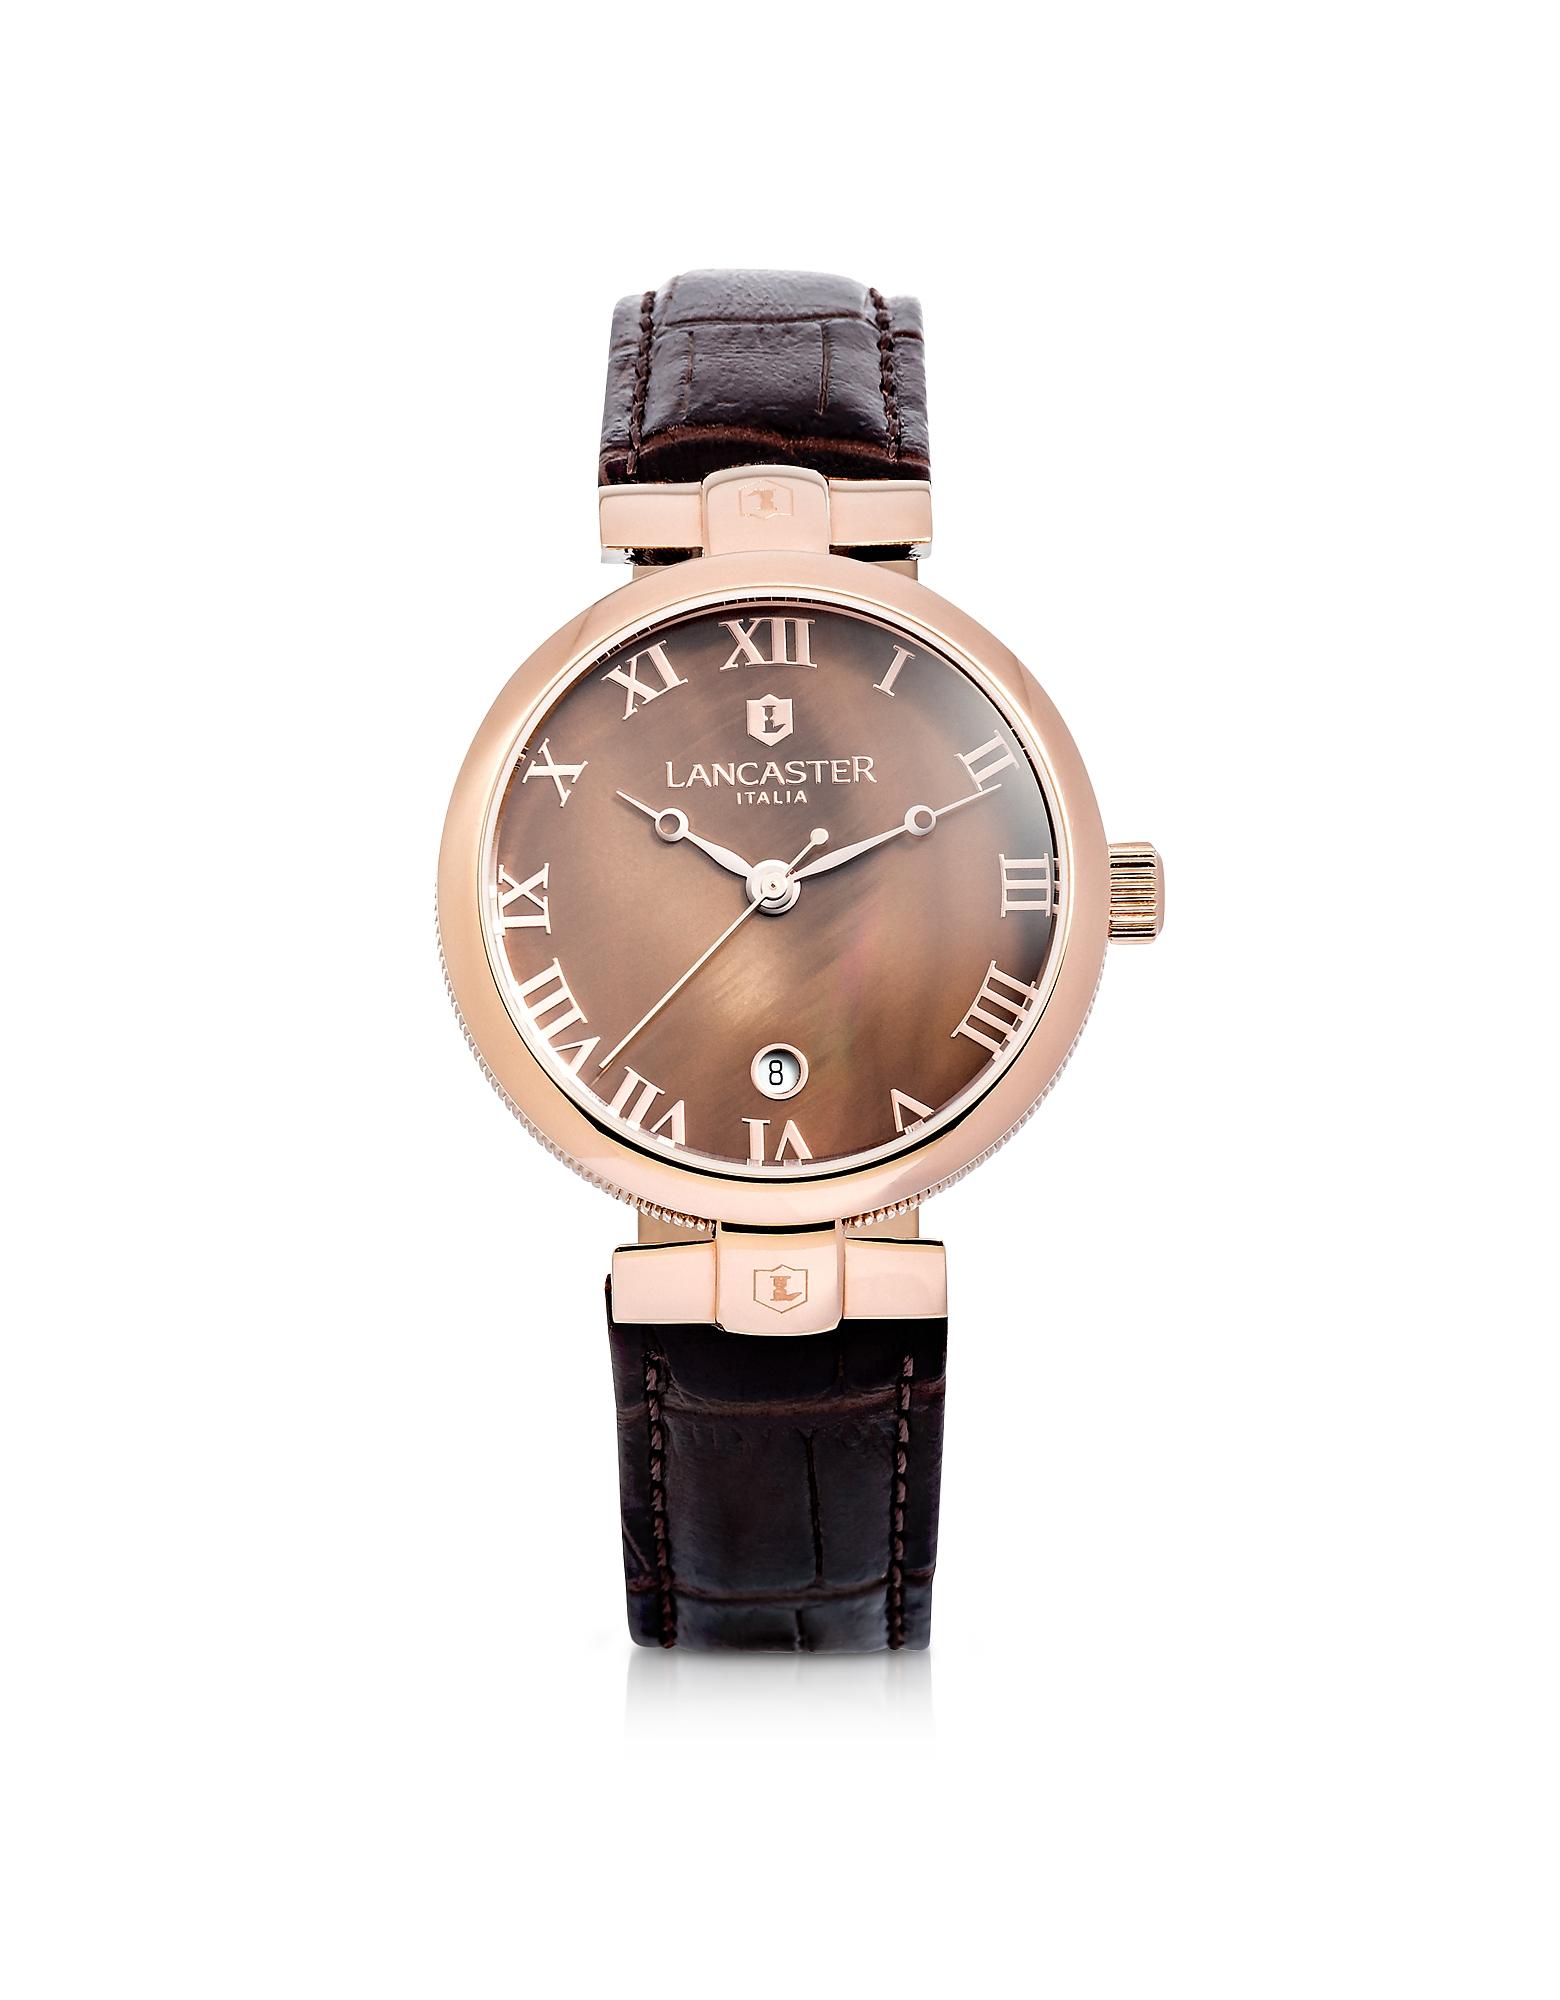 Chimaera - Часы из Нержавеющей Стали Оттенка Розового Золота на Коричневом Ремешке из Кожи под Крокодиловую